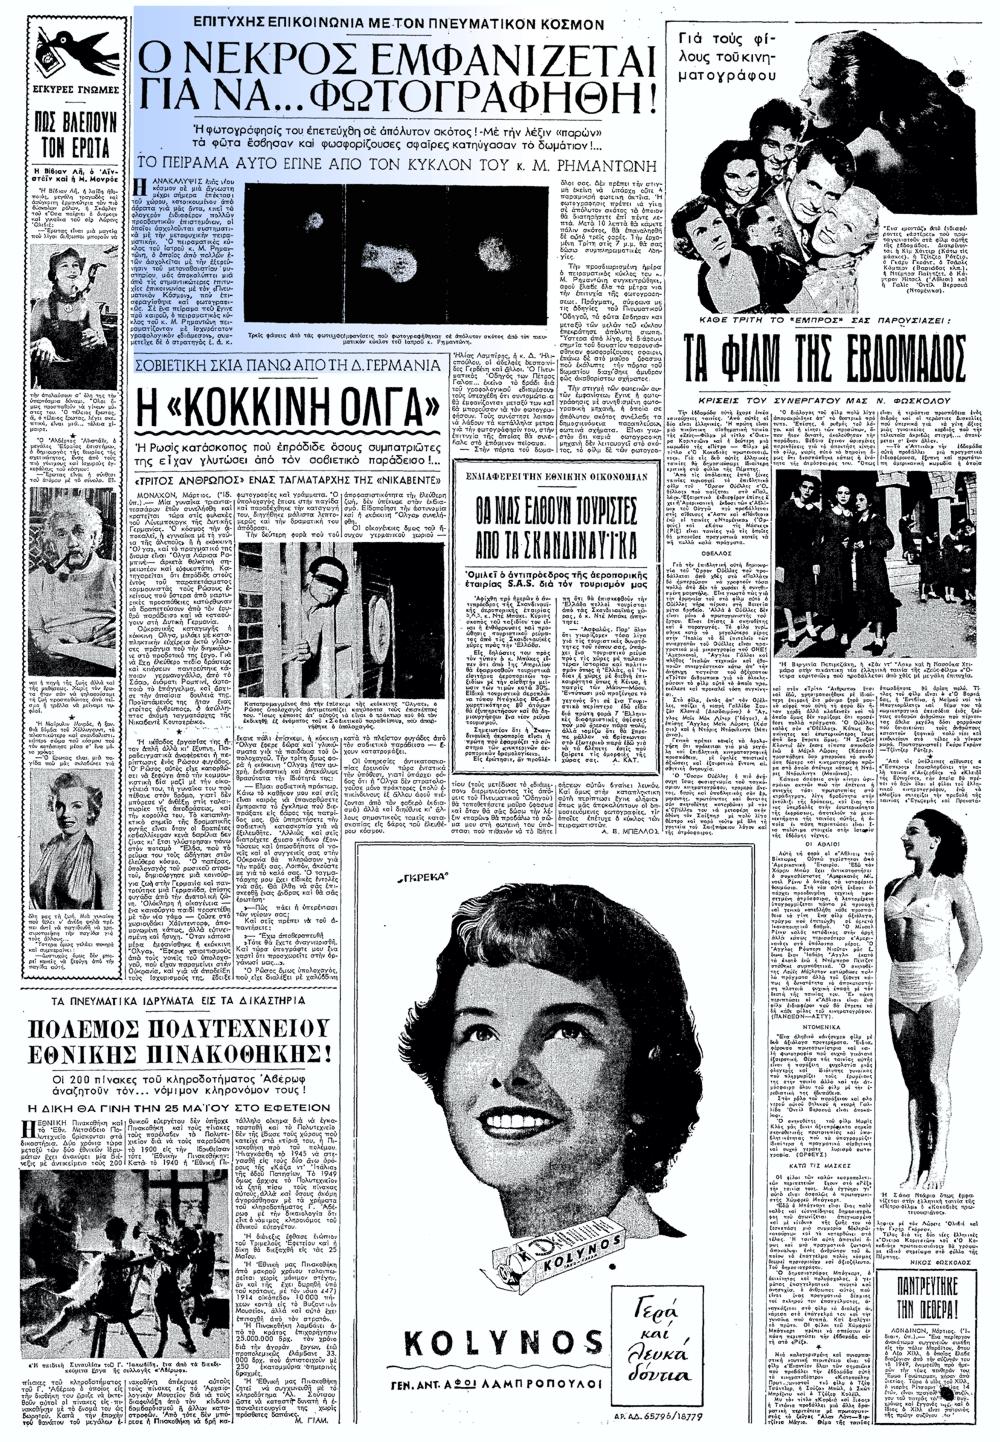 """Το άρθρο, όπως δημοσιεύθηκε στην εφημερίδα """"ΕΜΠΡΟΣ"""", στις 03/03/1953"""